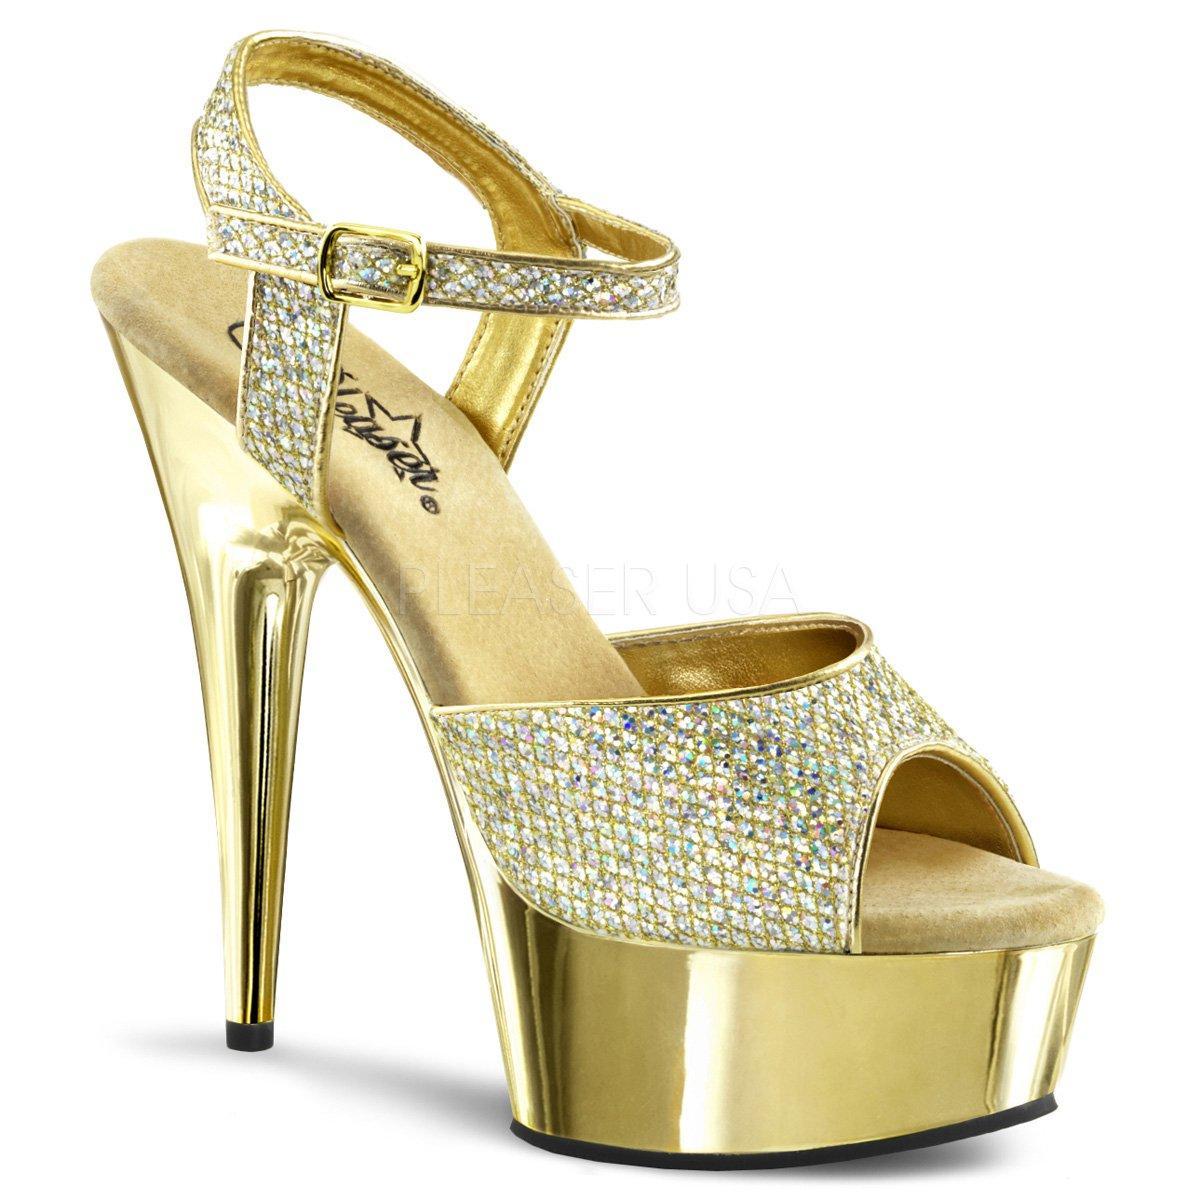 DELIGHT-609G Luxusní zlaté sandálky s kamínky na podpatku  9a34f1b585